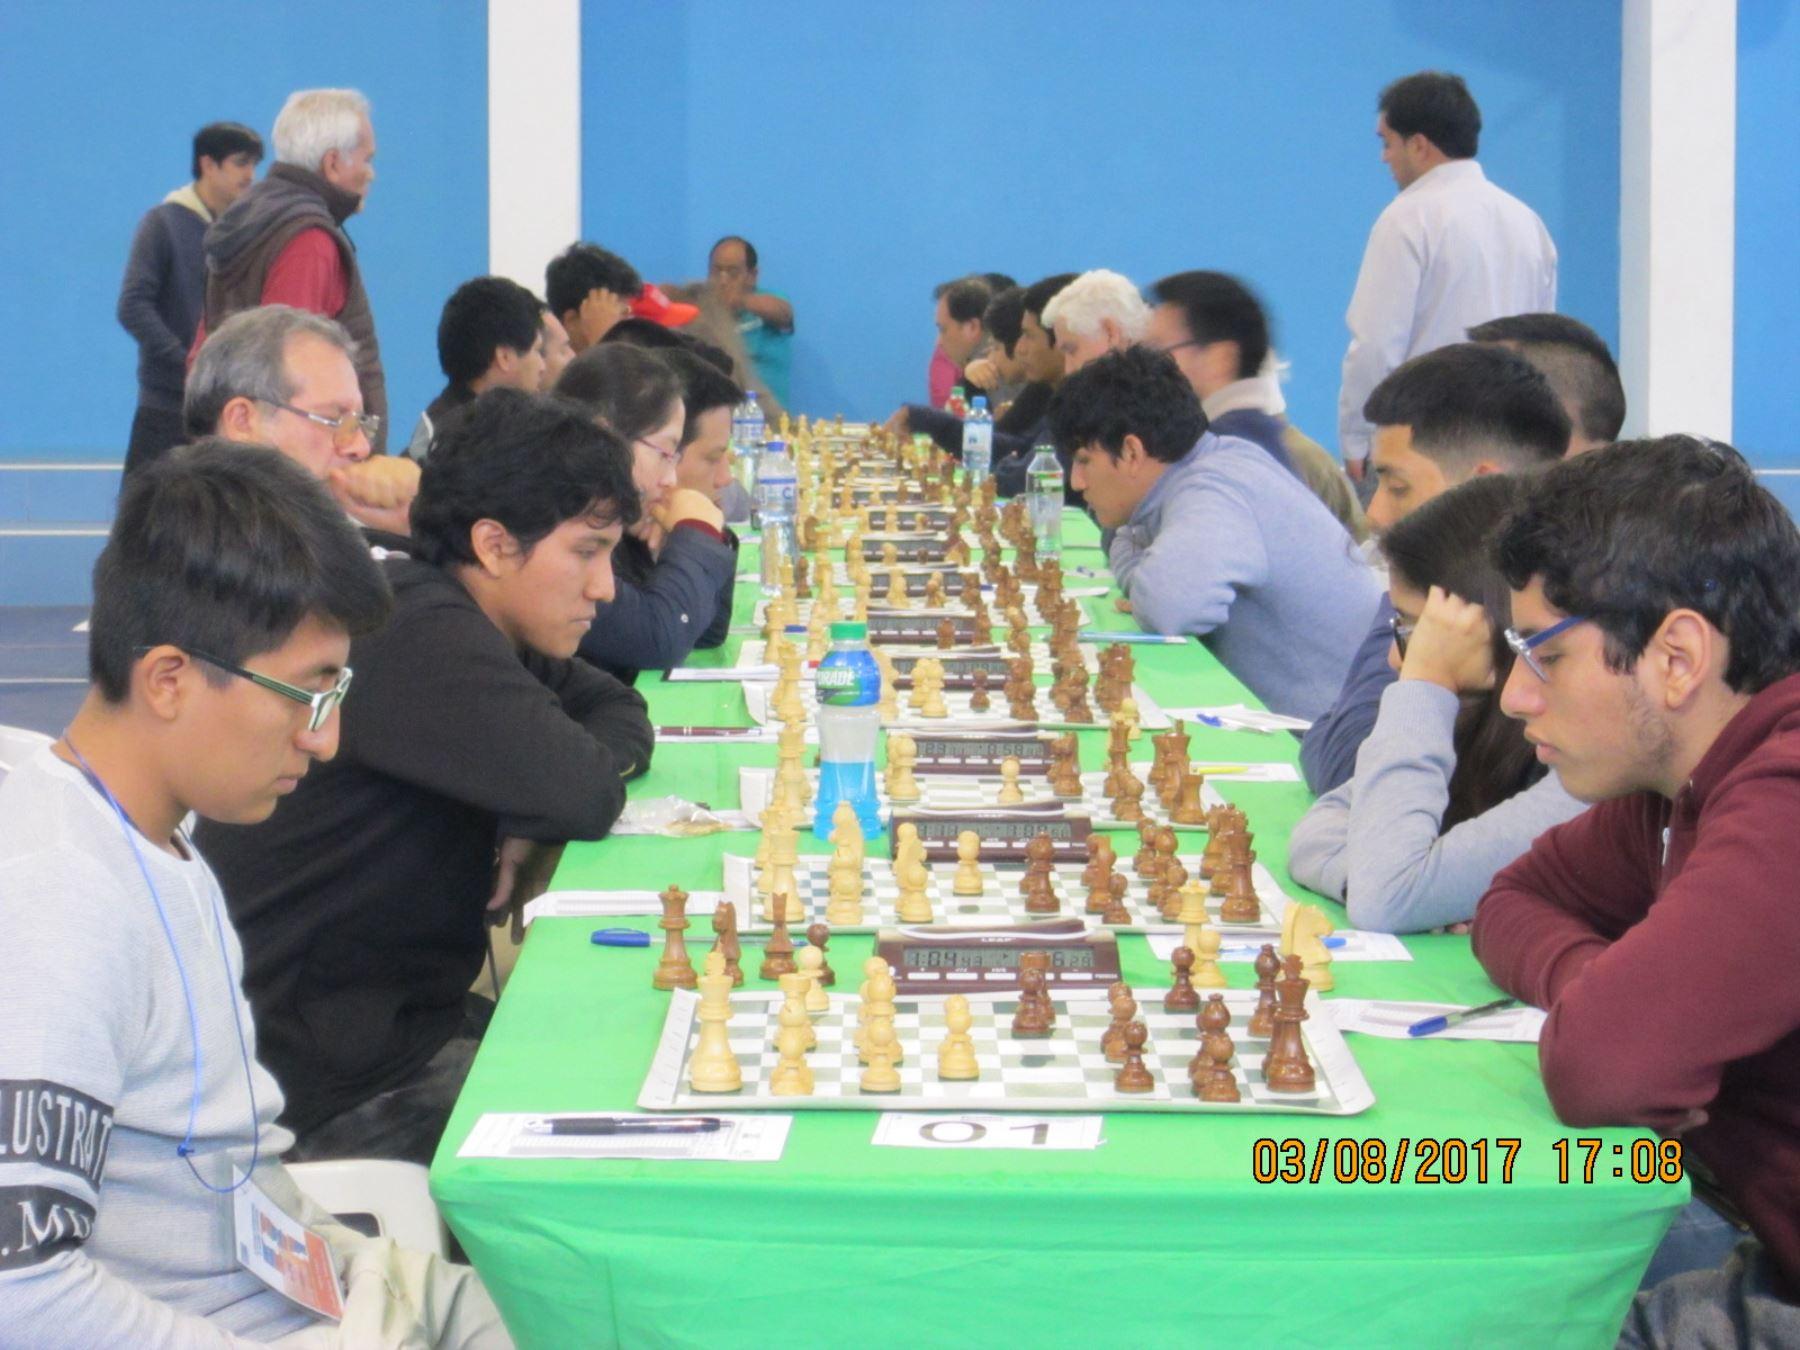 El Torneo Internacional Claretiano genera el interés de  ajedrecista de todas partes del mundo